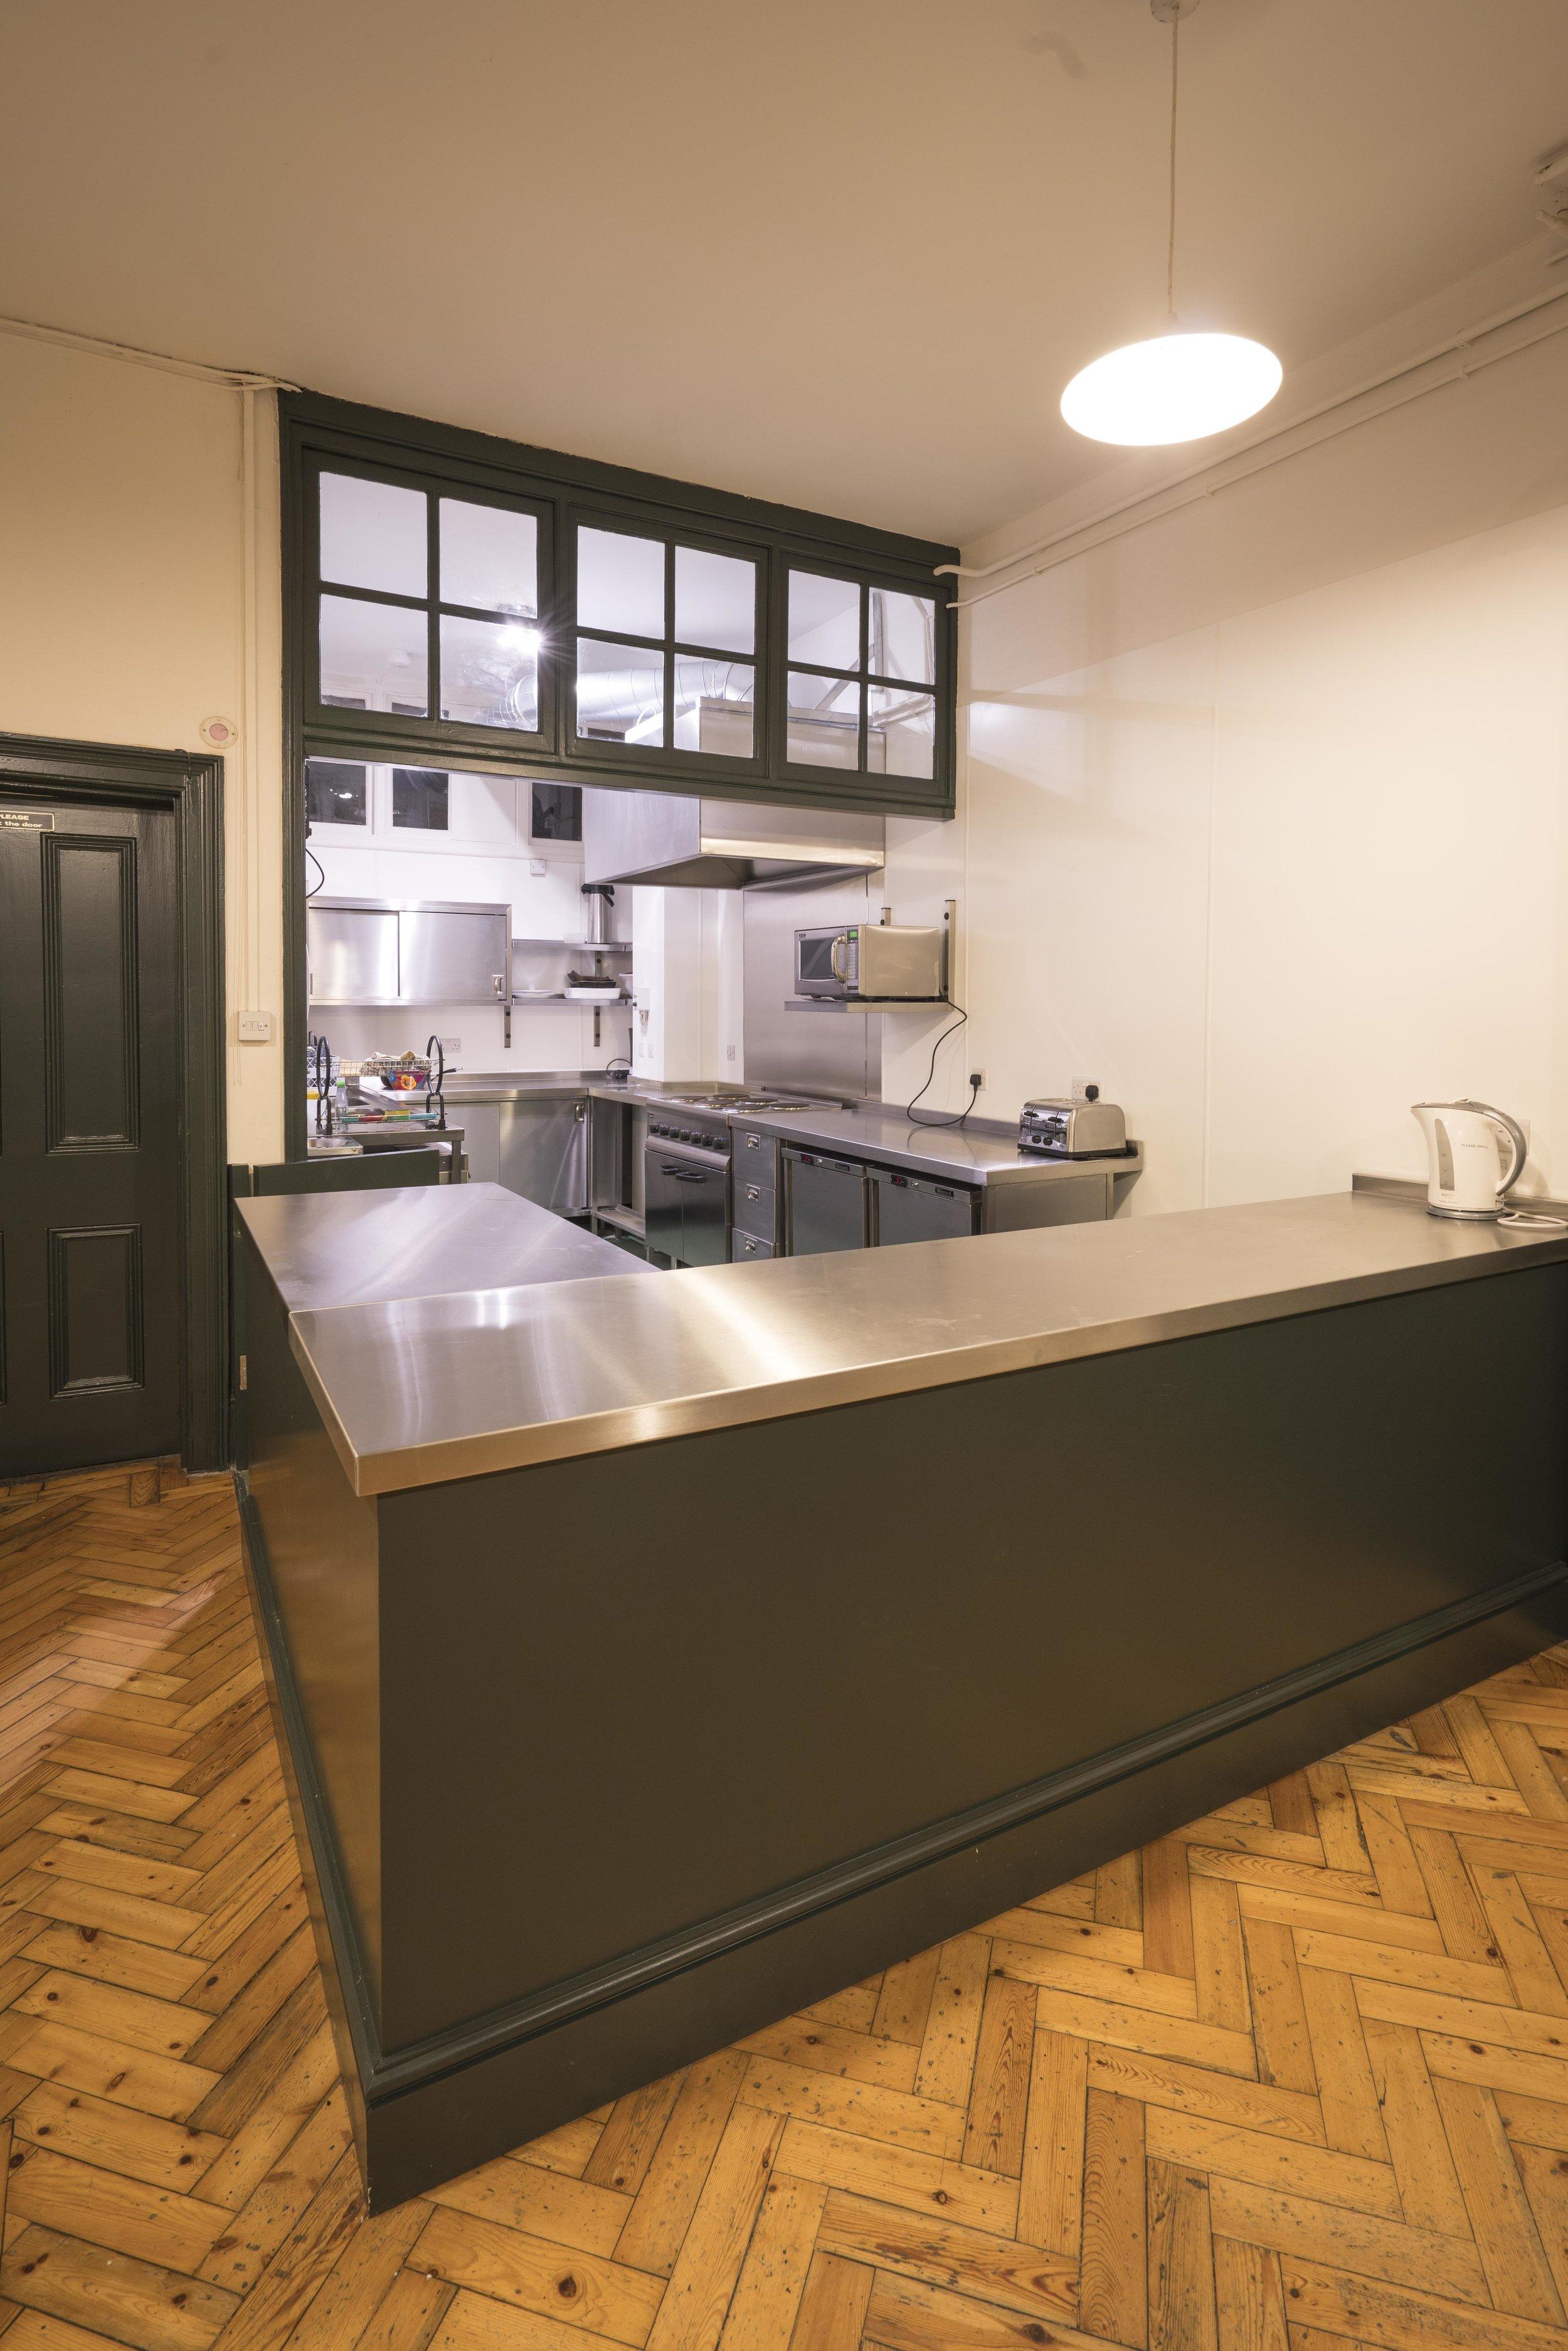 NU Upper St Kitchen (8 of 8).jpg